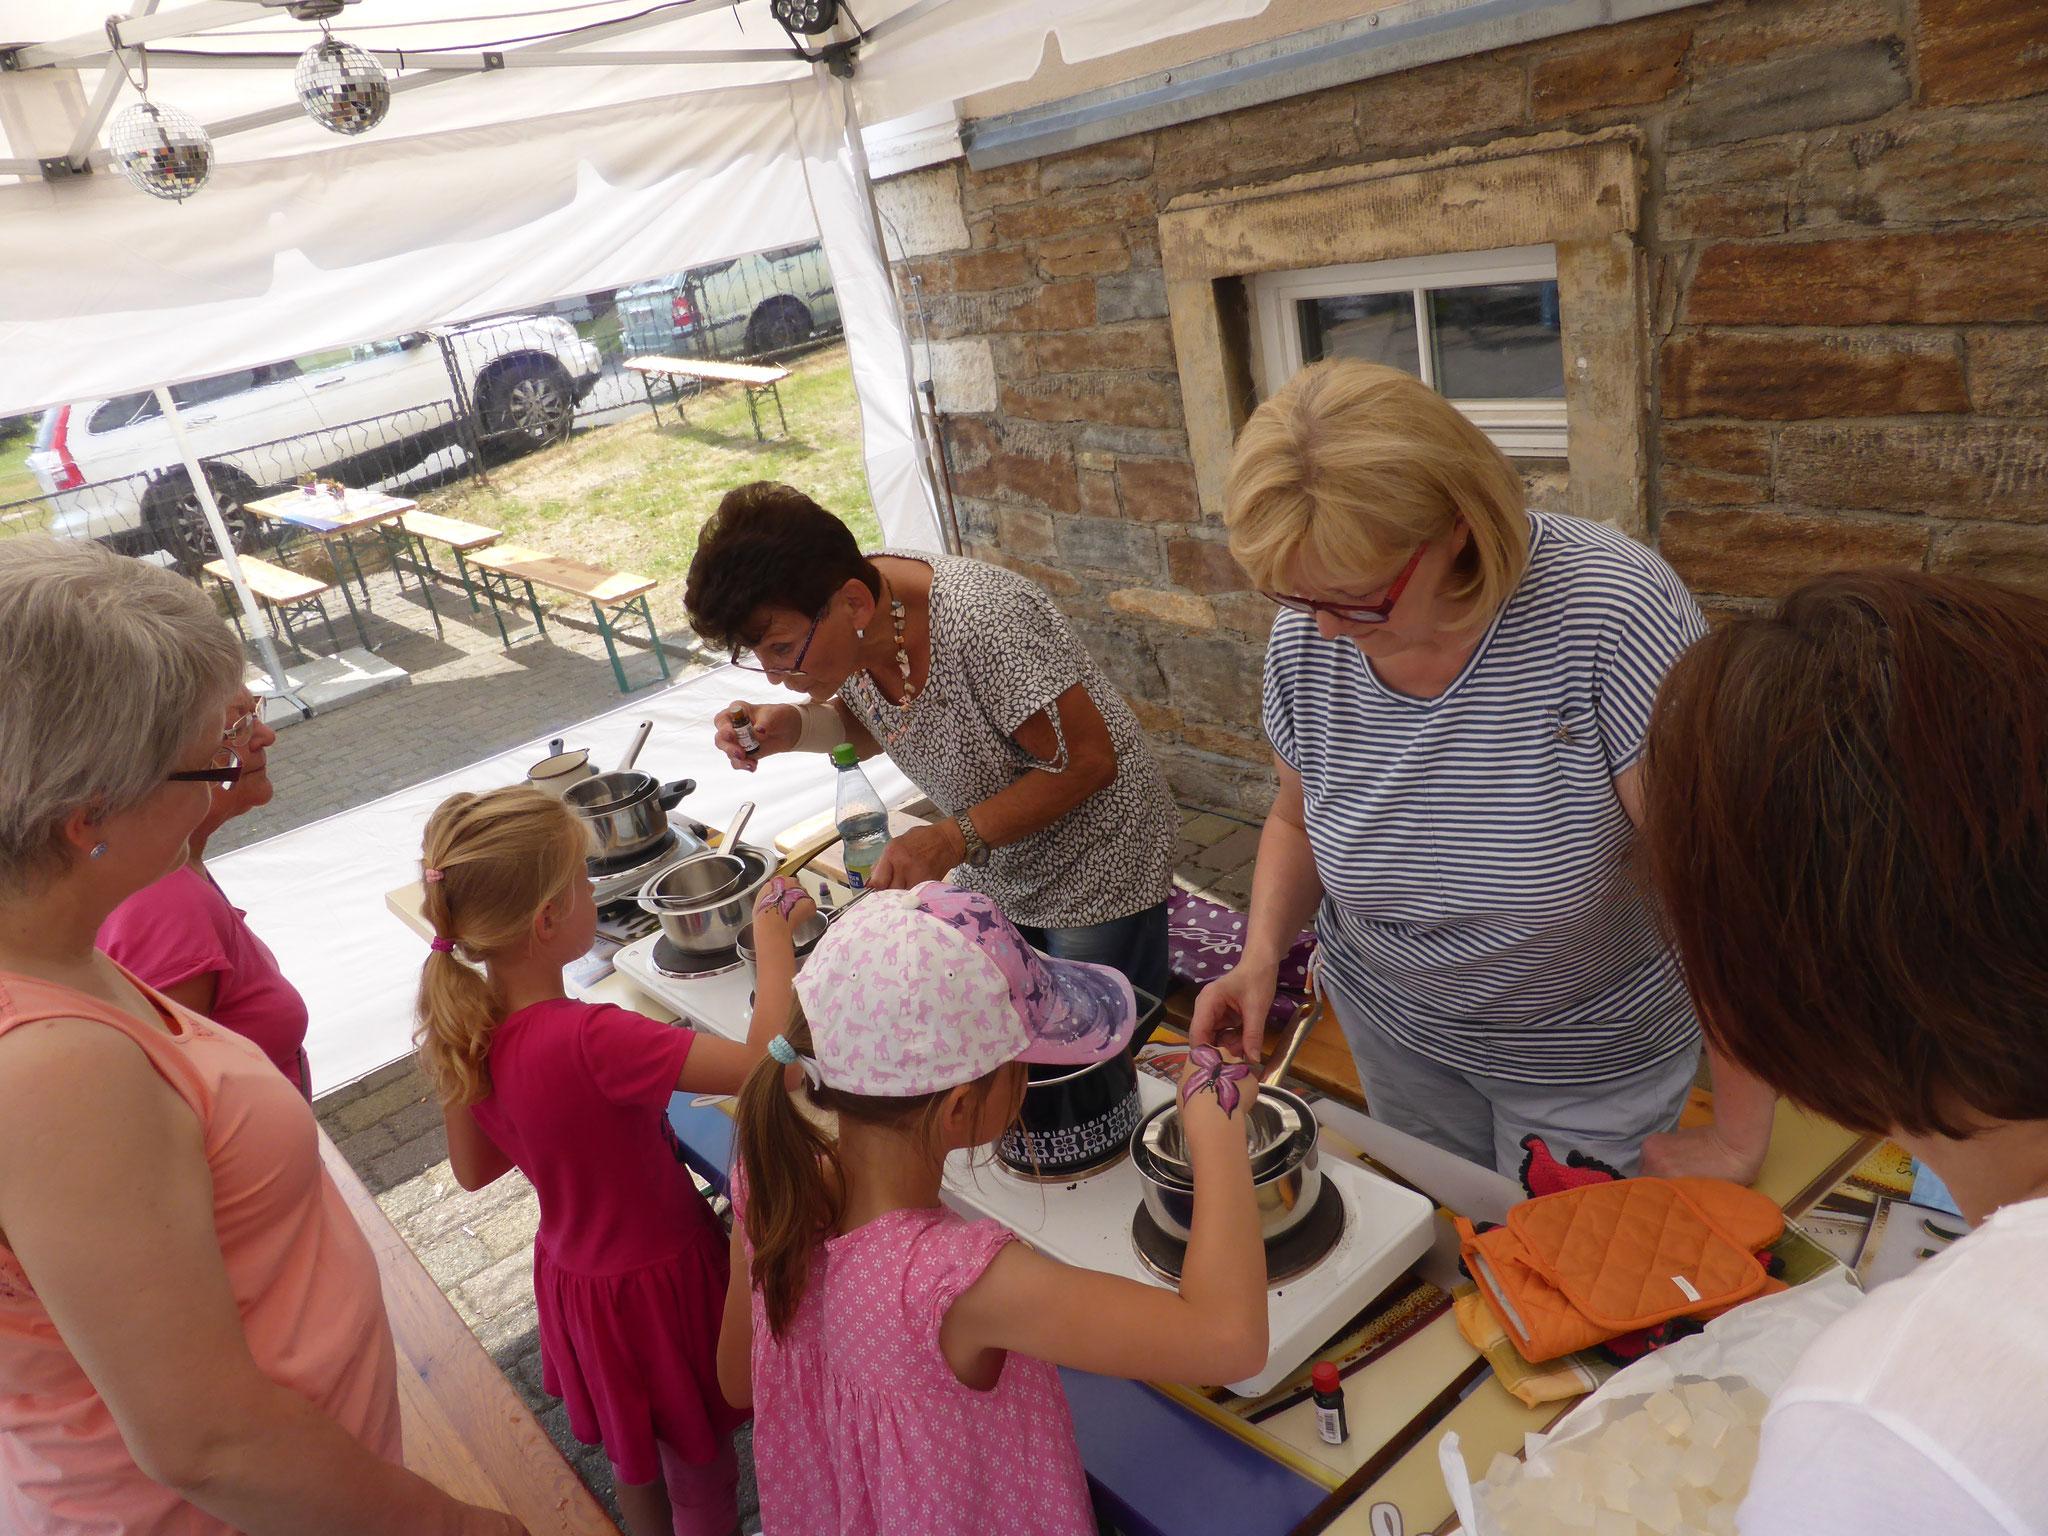 Dank der Landfrauen hatten die Kids die Möglichkeiten Ihre eigenen Seifen zu fertigen. Dann hoffen wir mal, dass die Kinderhände bei Tisch immer sauber sind!